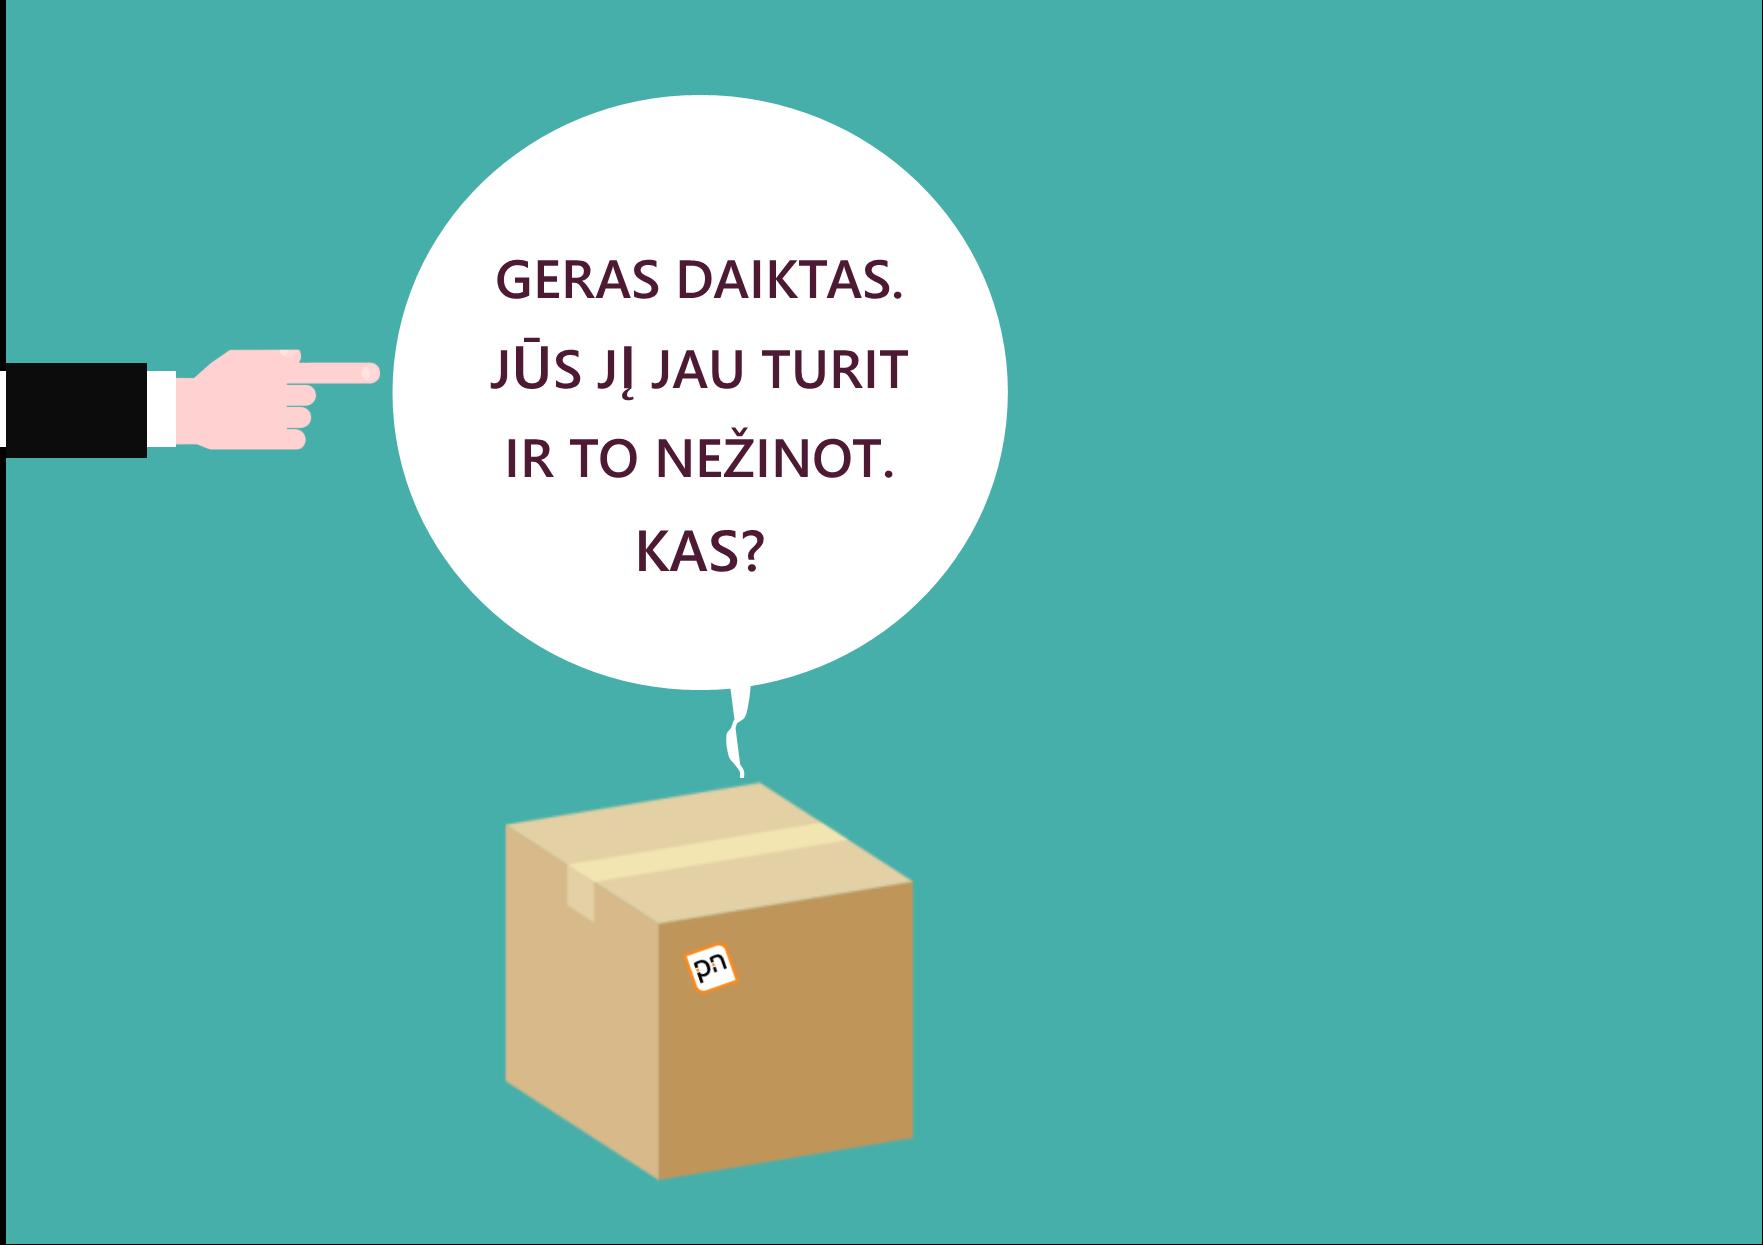 GERAS_DAIKTAS_1.png